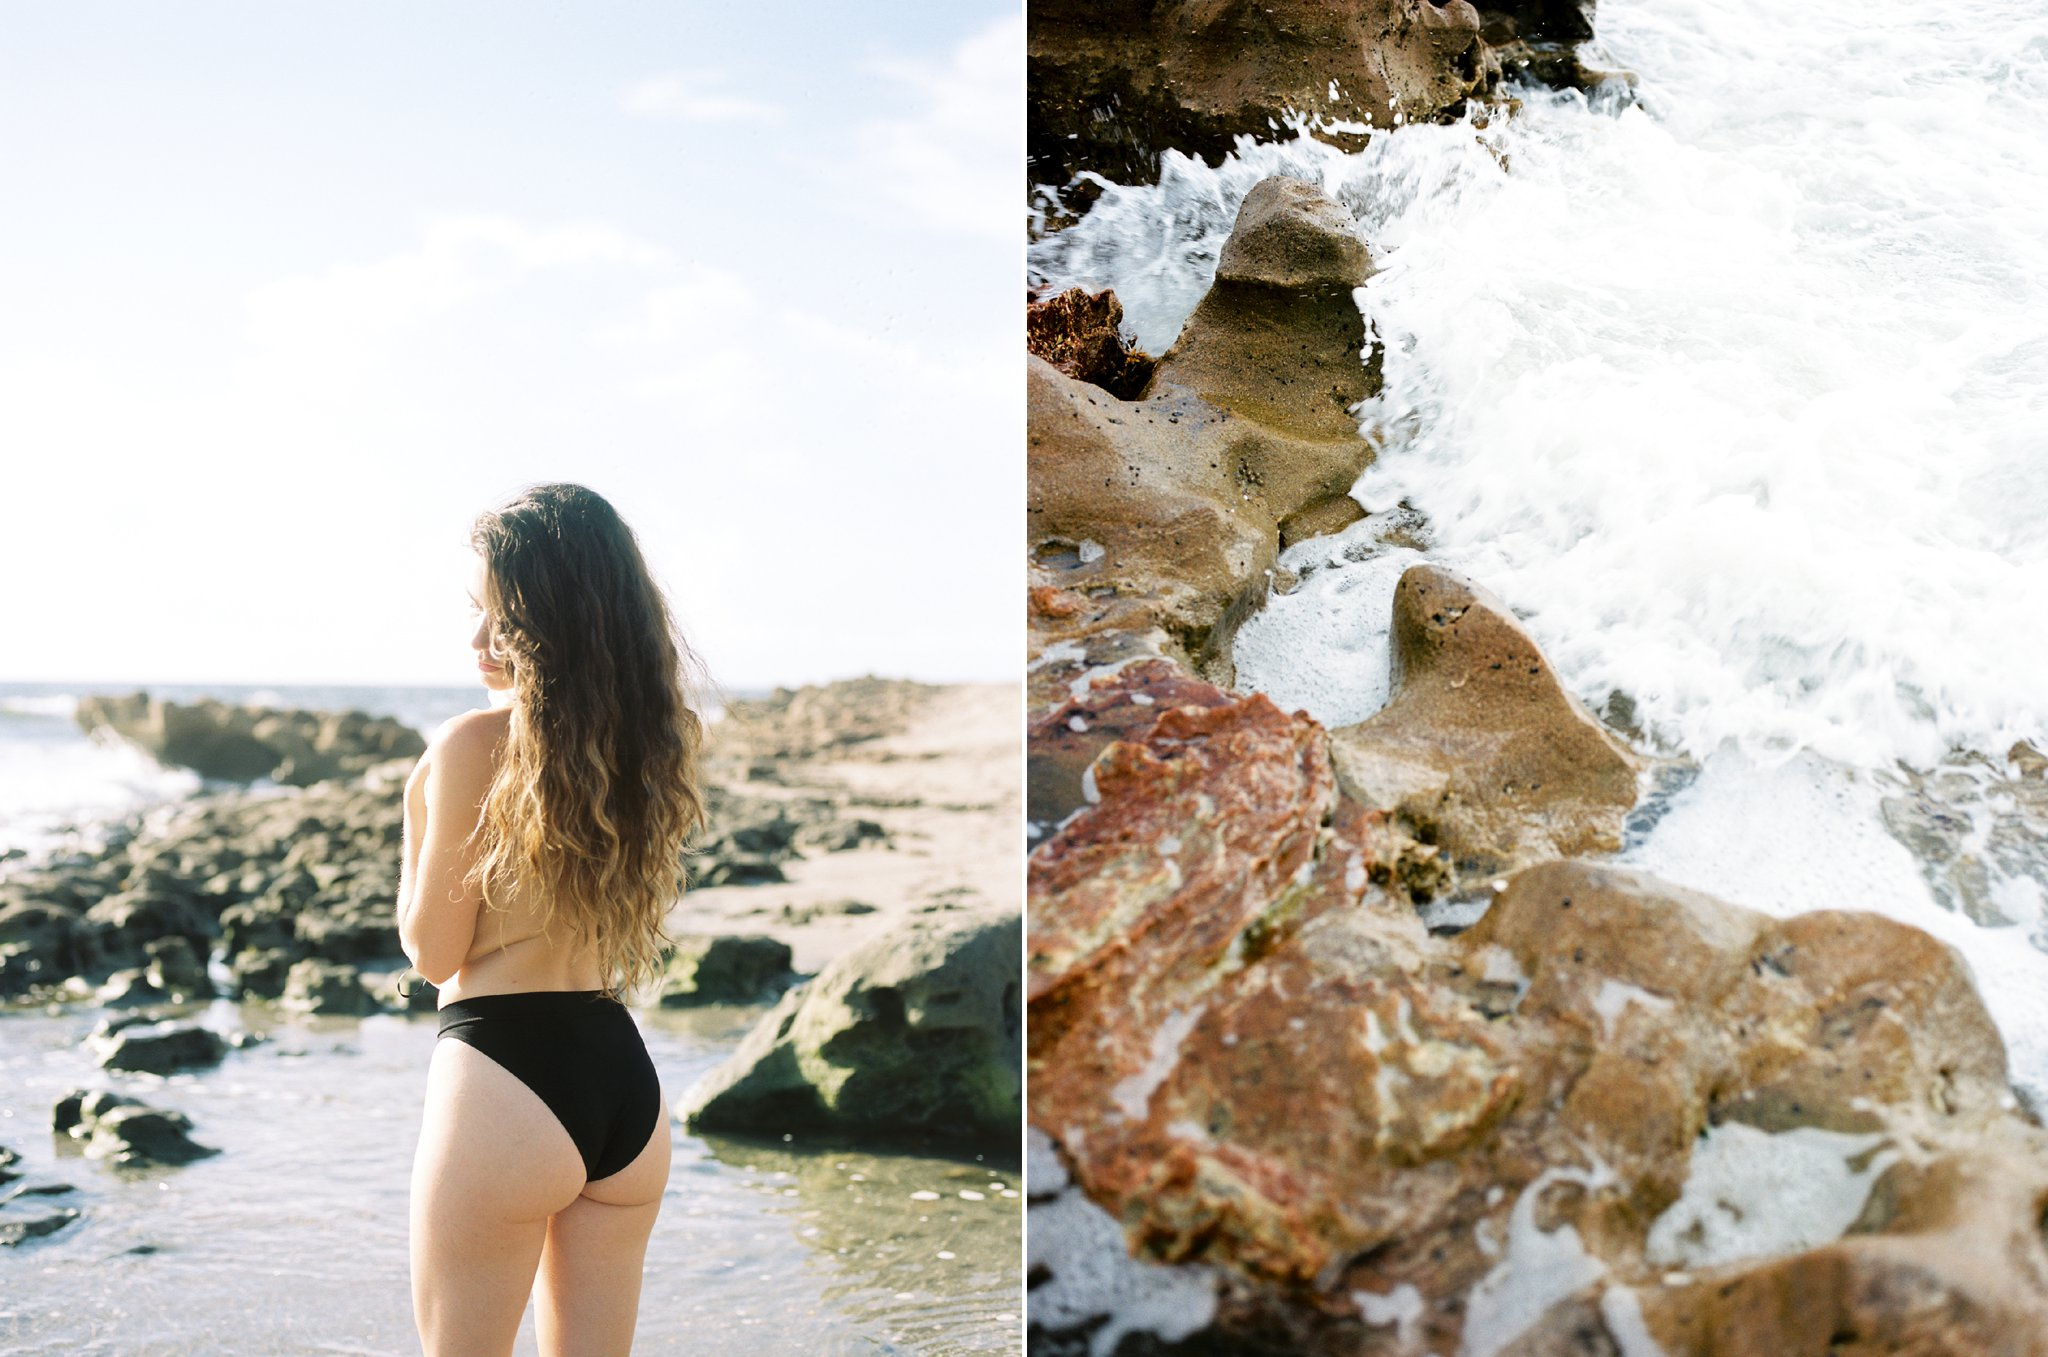 west palm beach boudoir photographer shannon griffin photography_0005.jpg